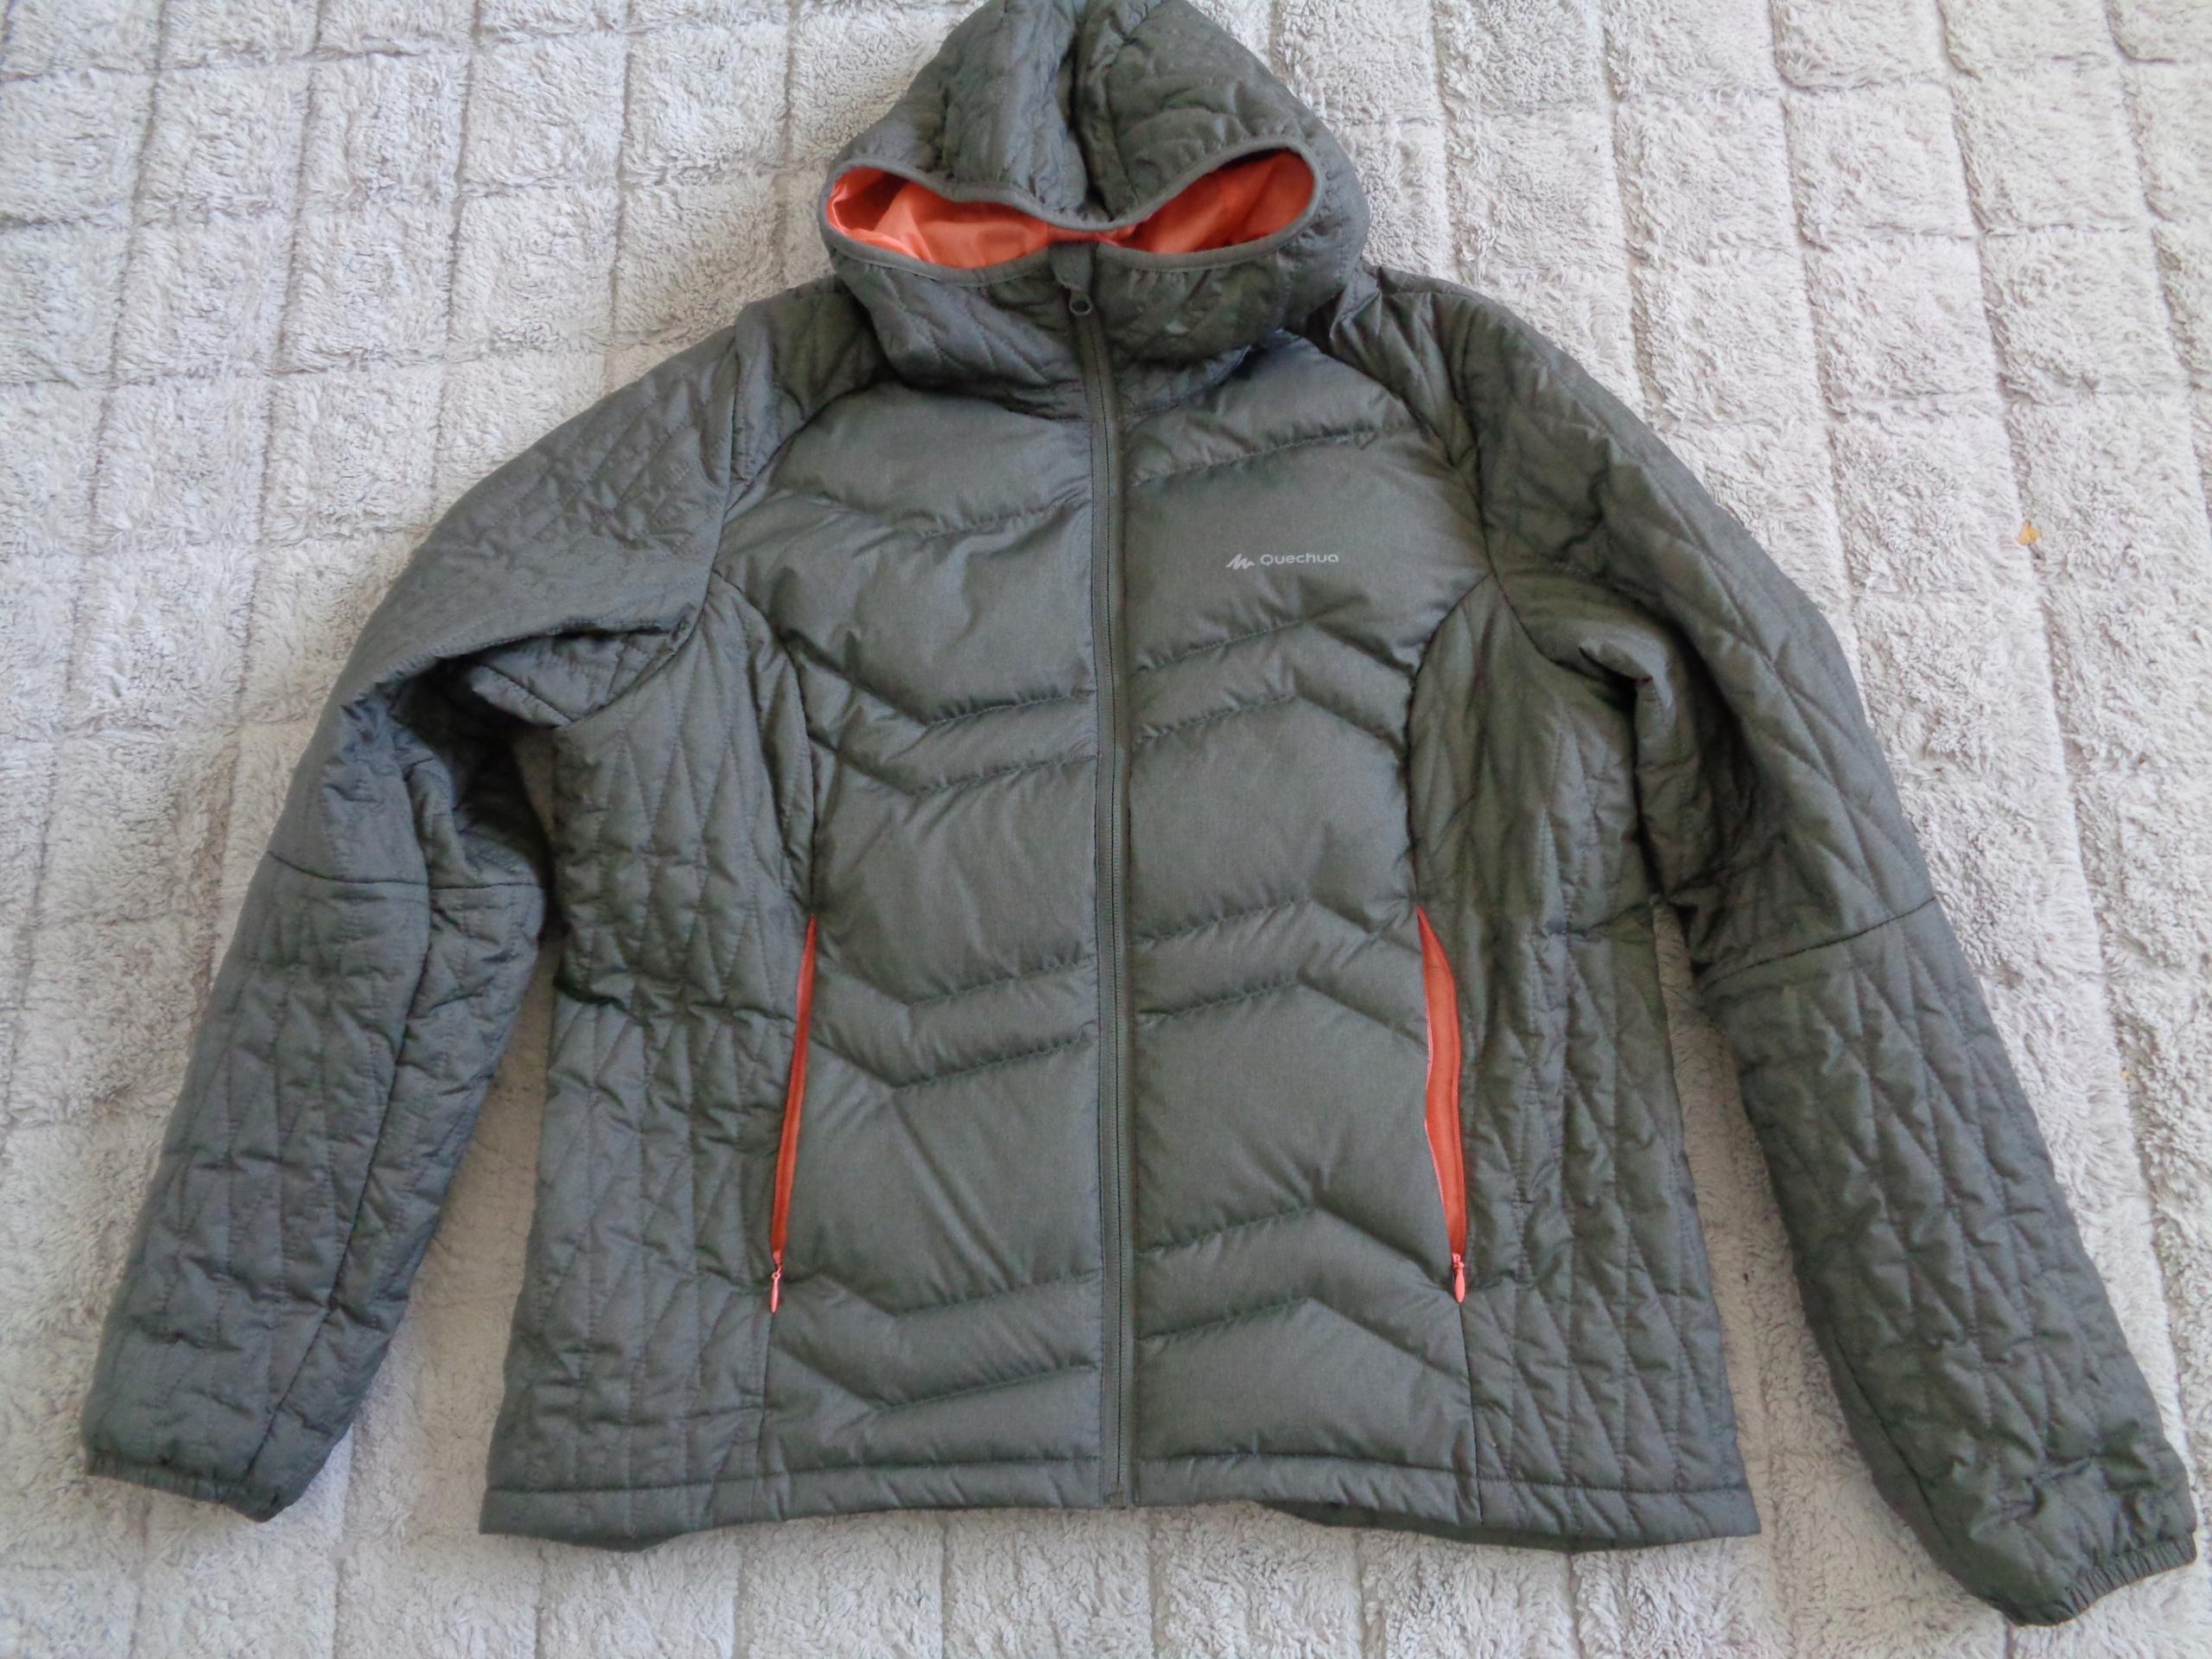 f4e206f73006 Kurtka puchowa Quechua Decathlon rozmiar XL - 7706772549 - oficjalne ...